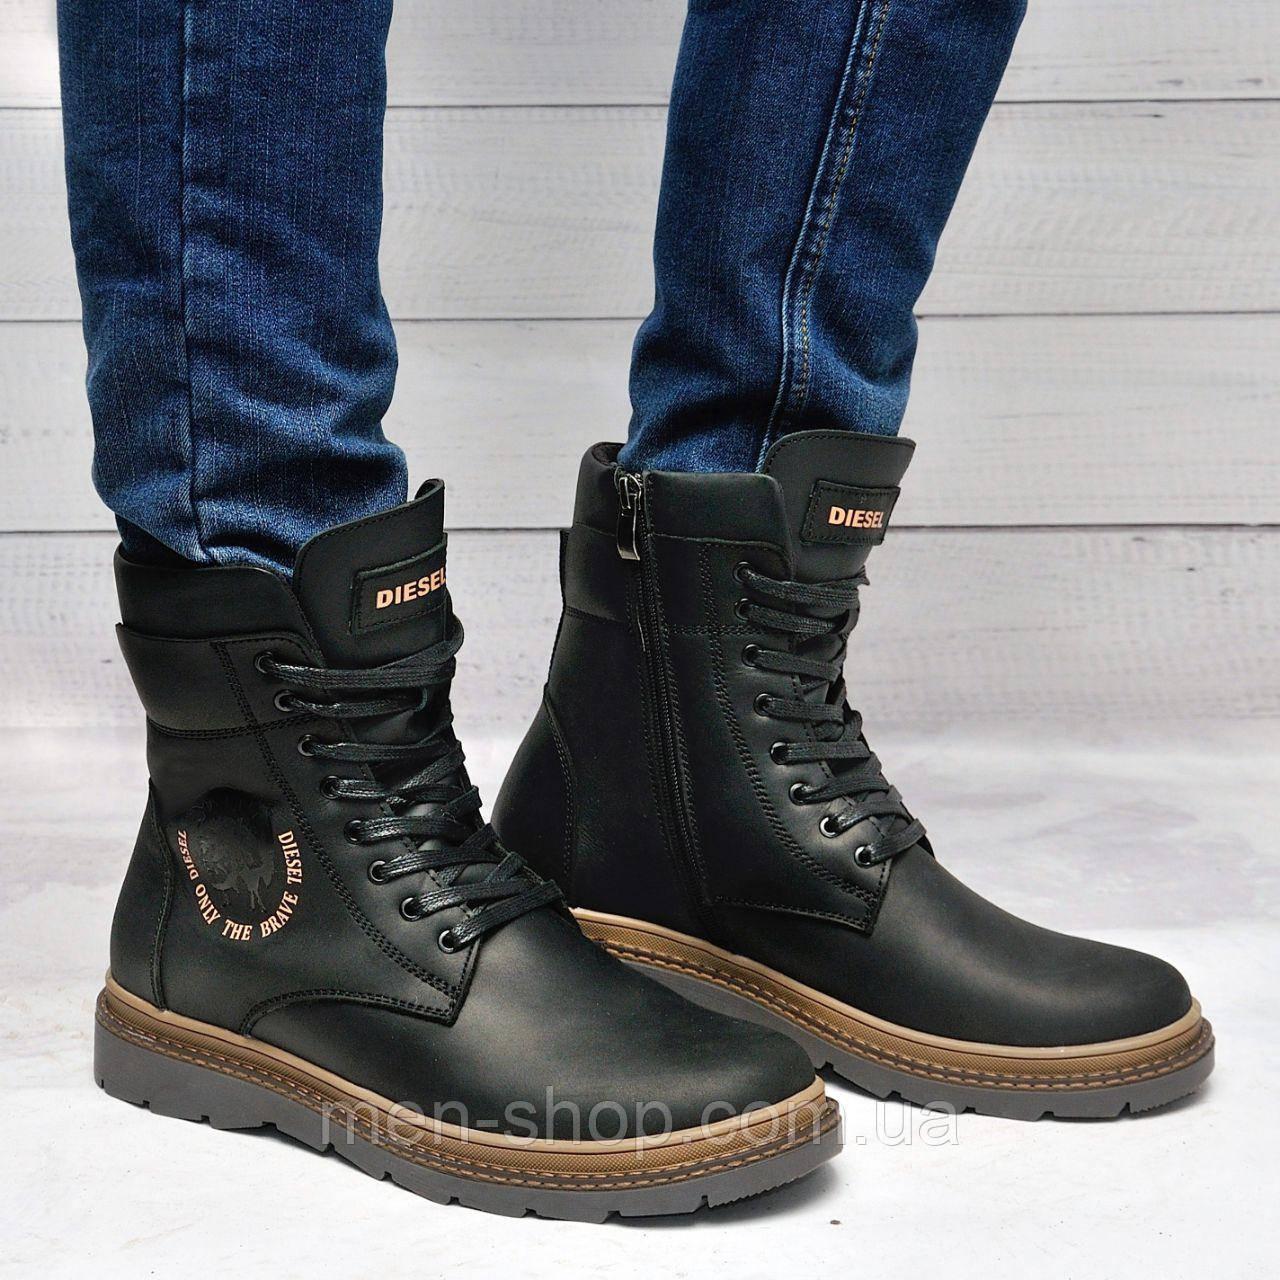 Мужские ботинки с мехом в стиле Diesel